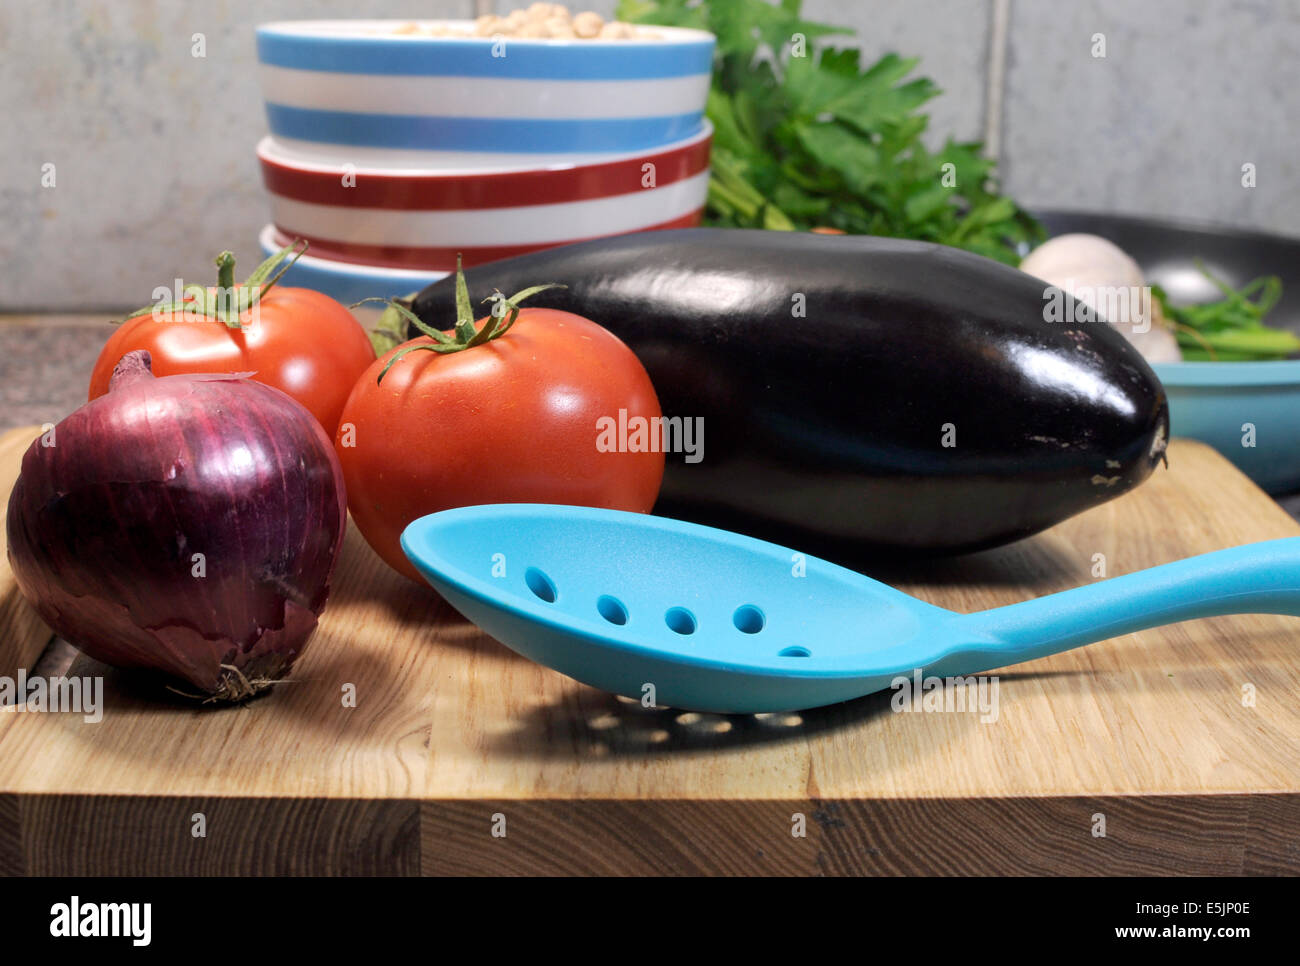 Vegetarische Küche Konzept mit Auberginen, Karotten, Tomaten und roten Zwiebeln mit getrockneten Kichererbsen Stockbild